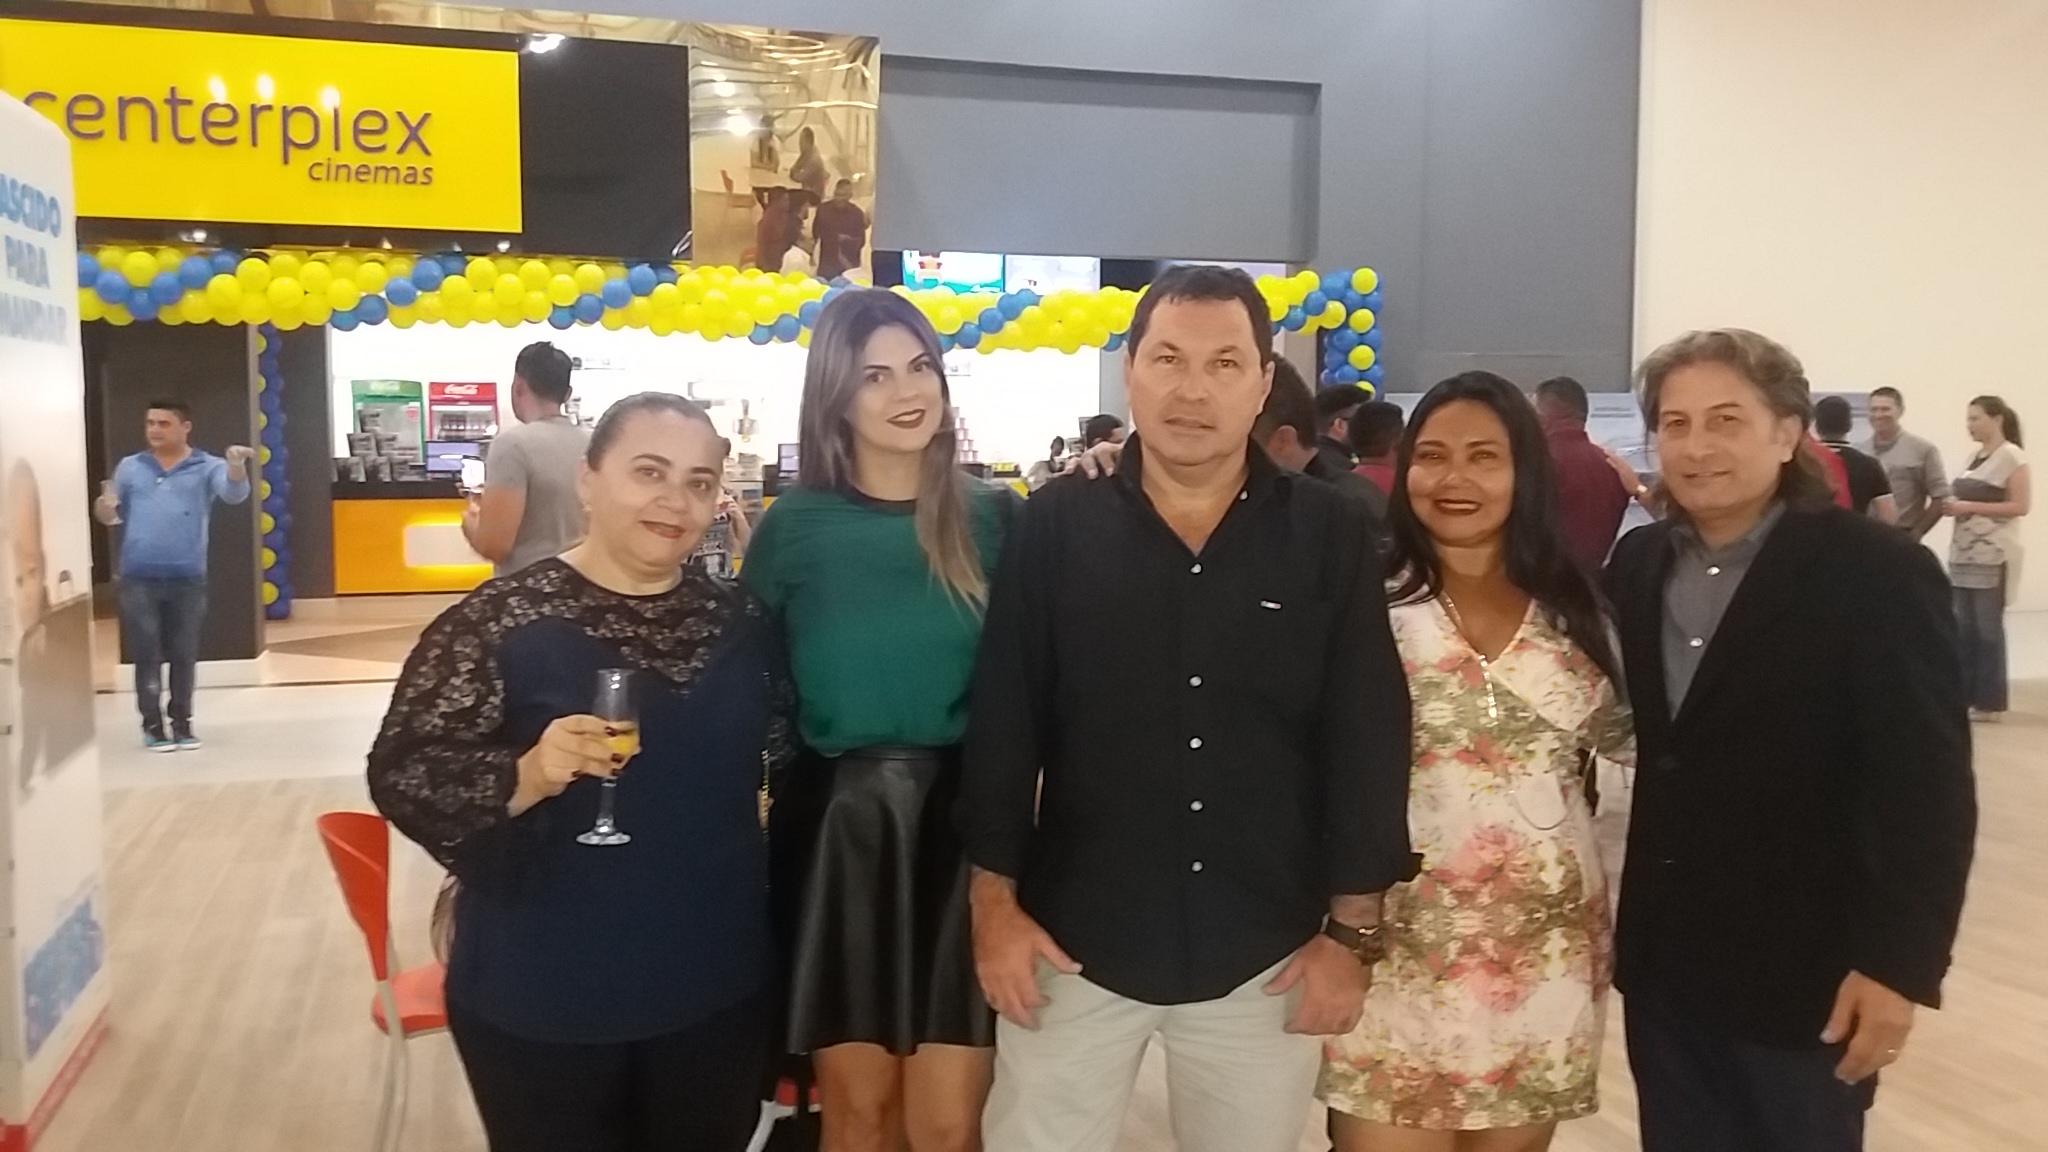 Coquetel de inauguração do Centerplex Cinemas em Maranguape-CE. Foto Dadynha Saturnino (20)